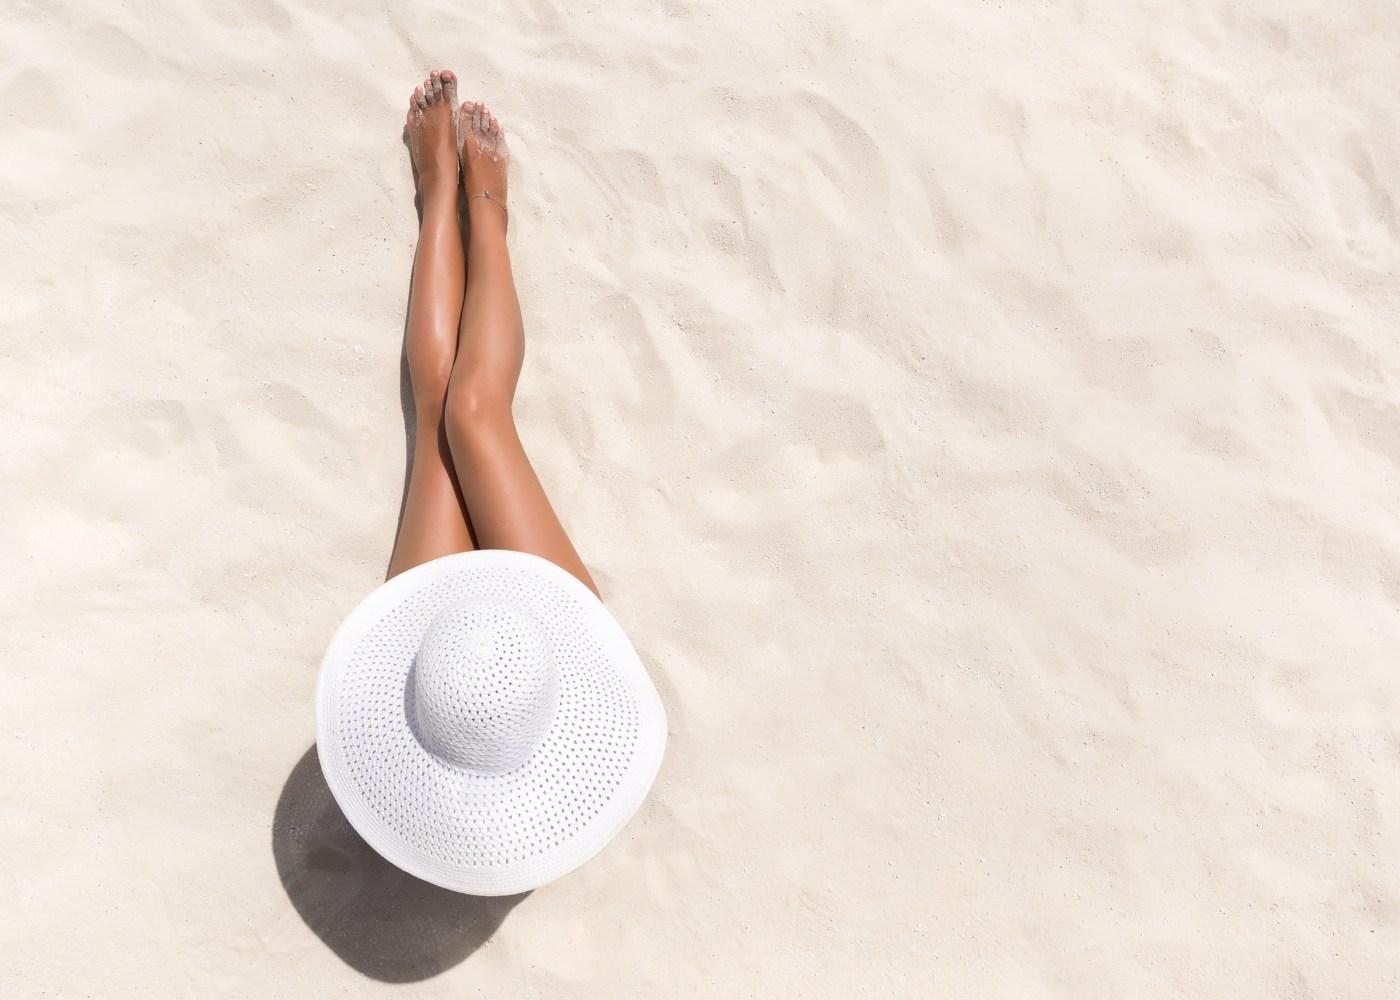 Mulher na praia com pernas bronzeadas